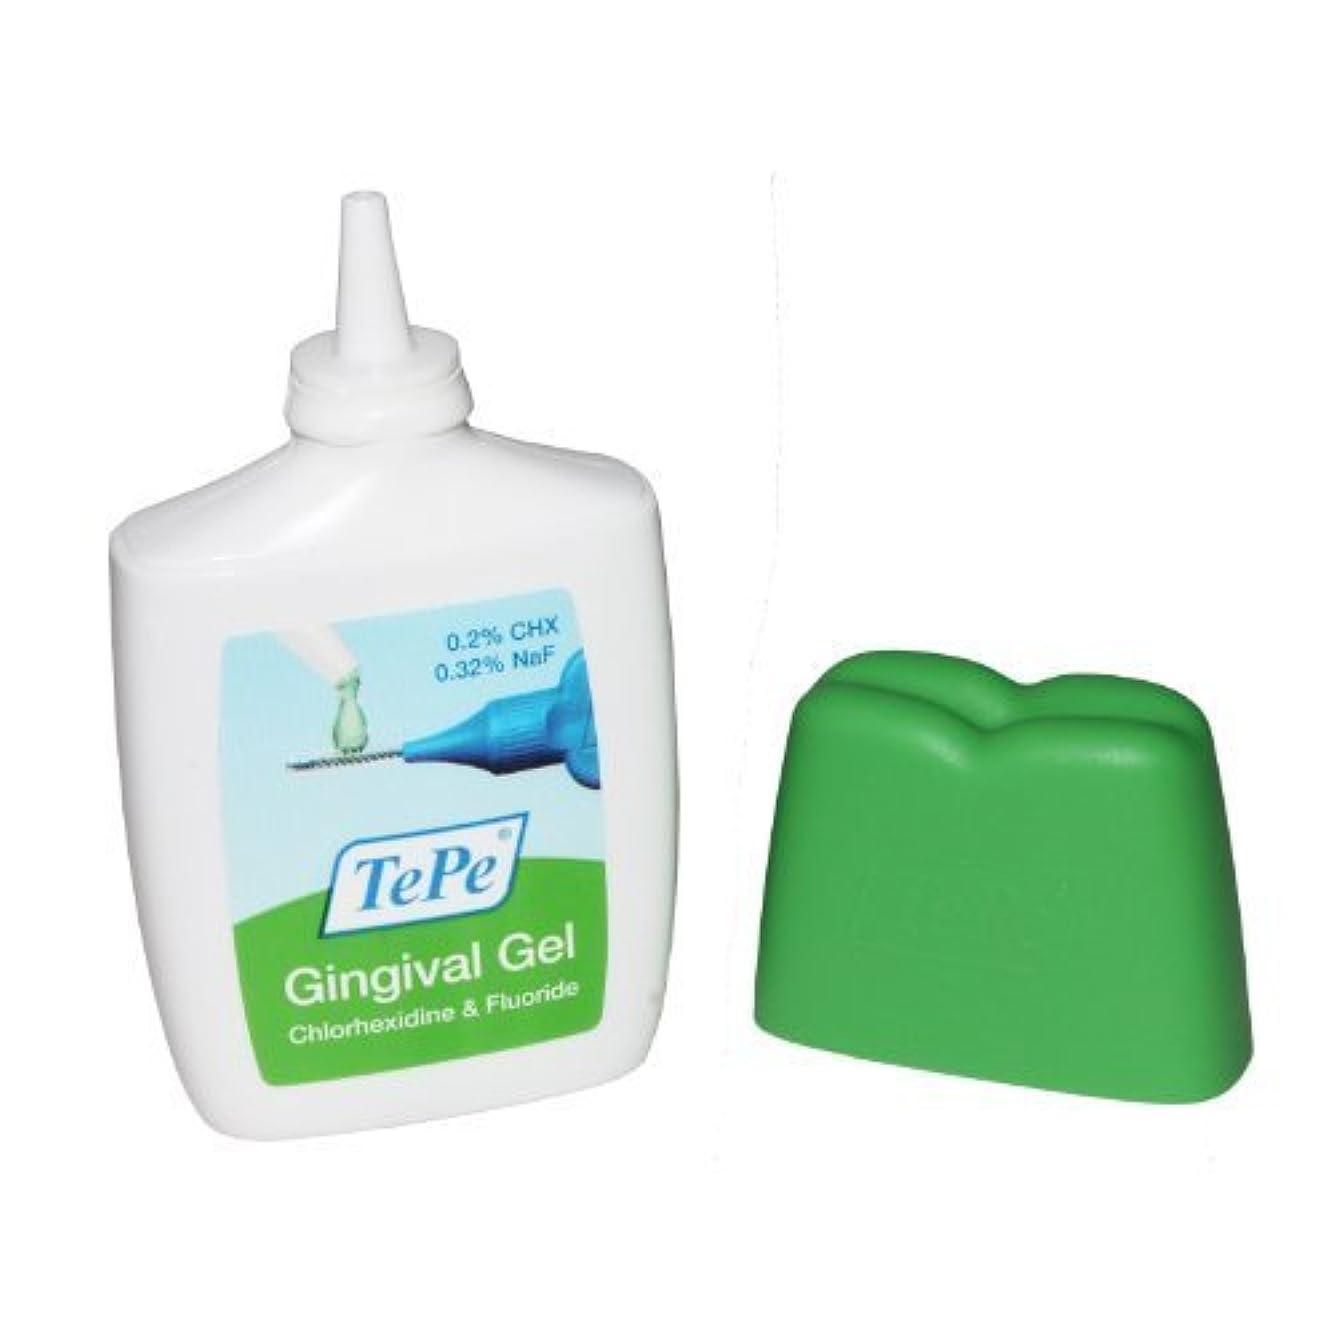 を通して結核おとこTePe Gingival Gel by TePe Mundhygiene Produkte Vertriebs-GmbH [並行輸入品]